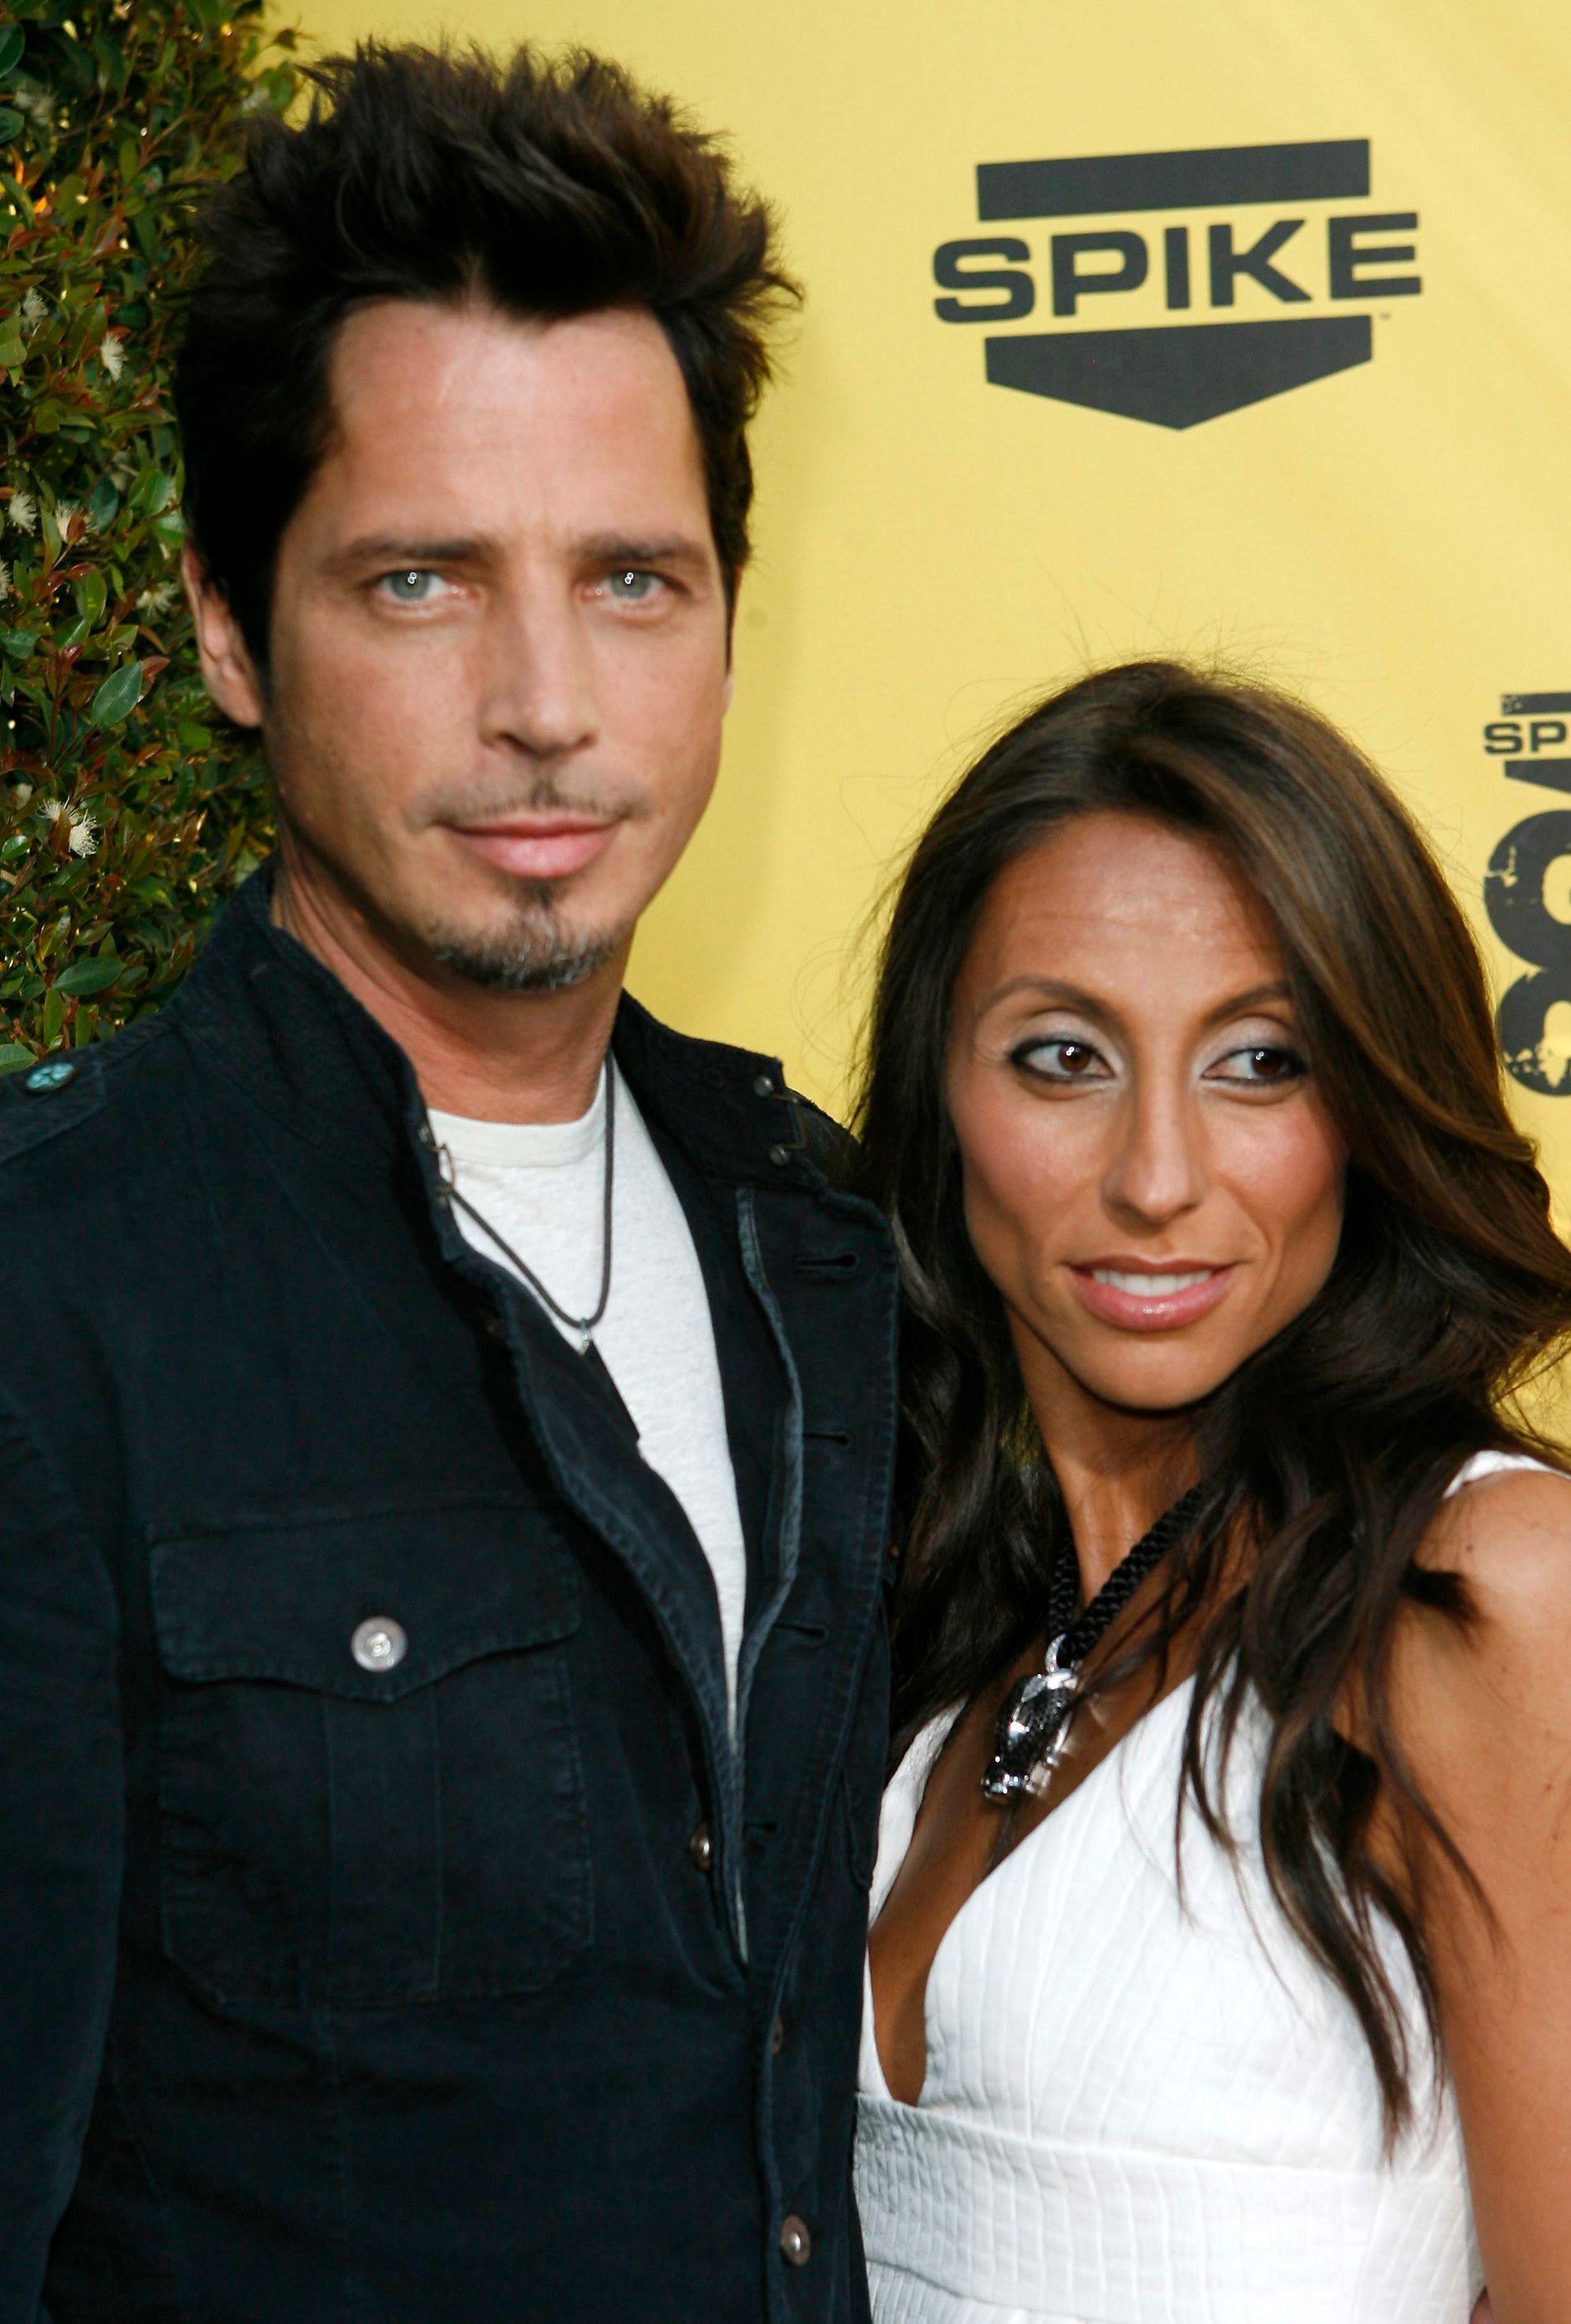 LENGE SAMMEN: Chris Cornell og Vicky Karayiannis var gift i 13 år og har to barn på 11 og 12 sammen. Her i 2007. Foto: REUTERS